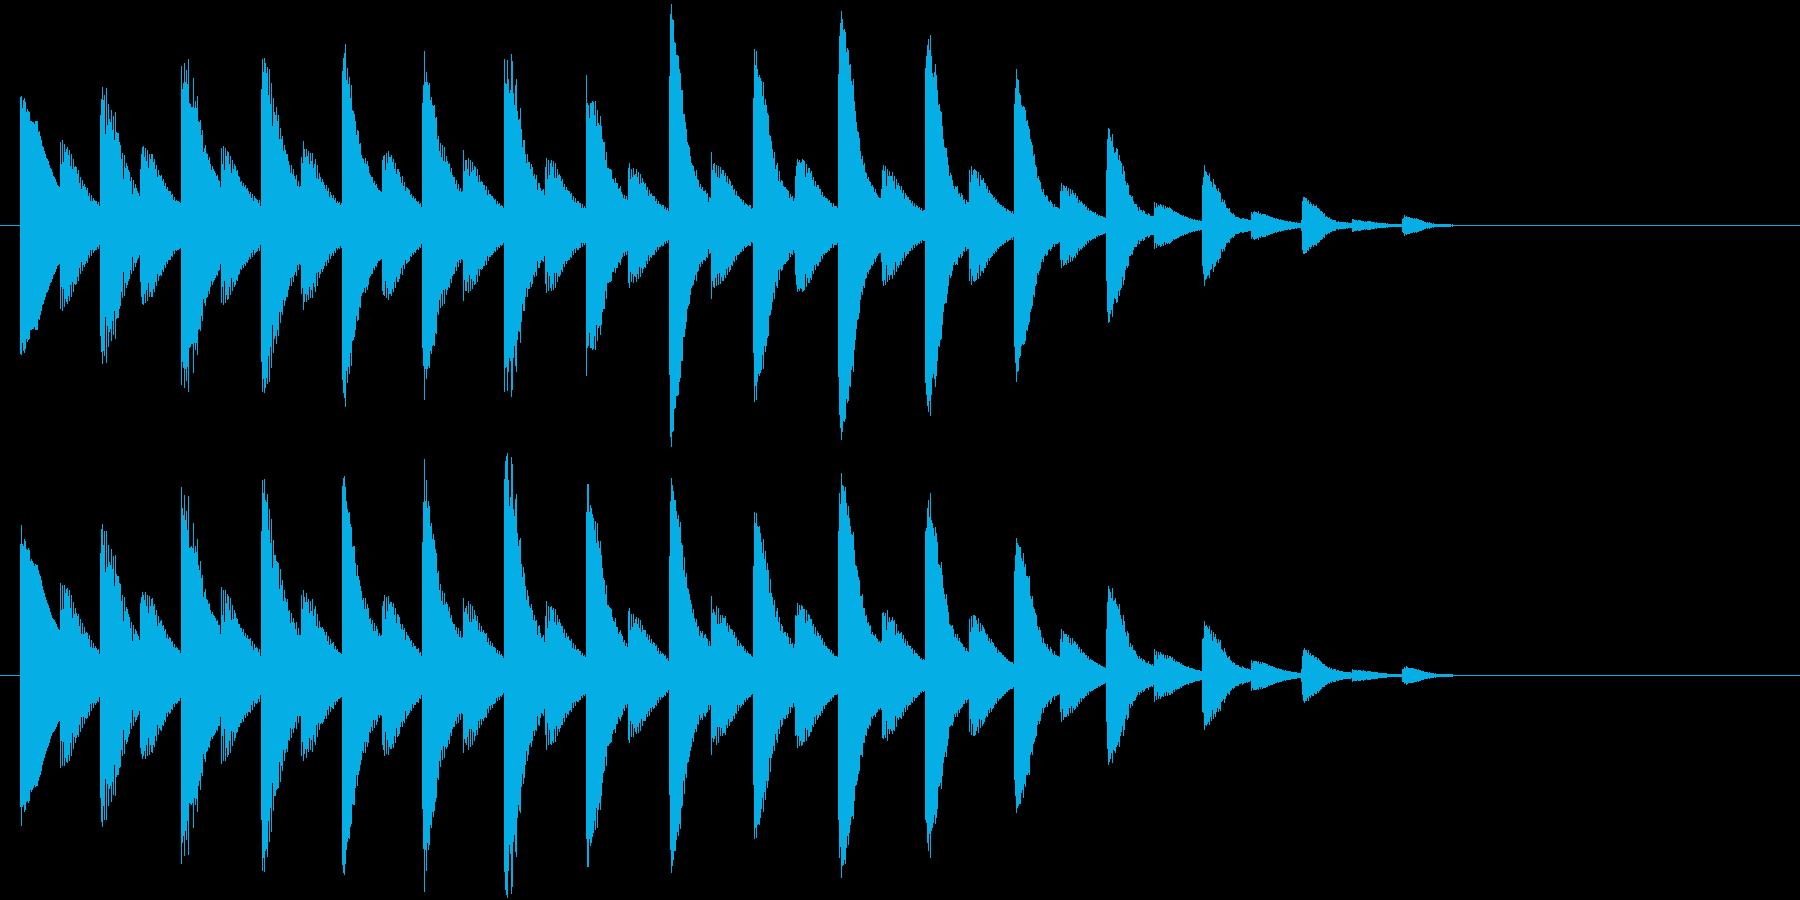 落ちるようなイメージのジングルの再生済みの波形